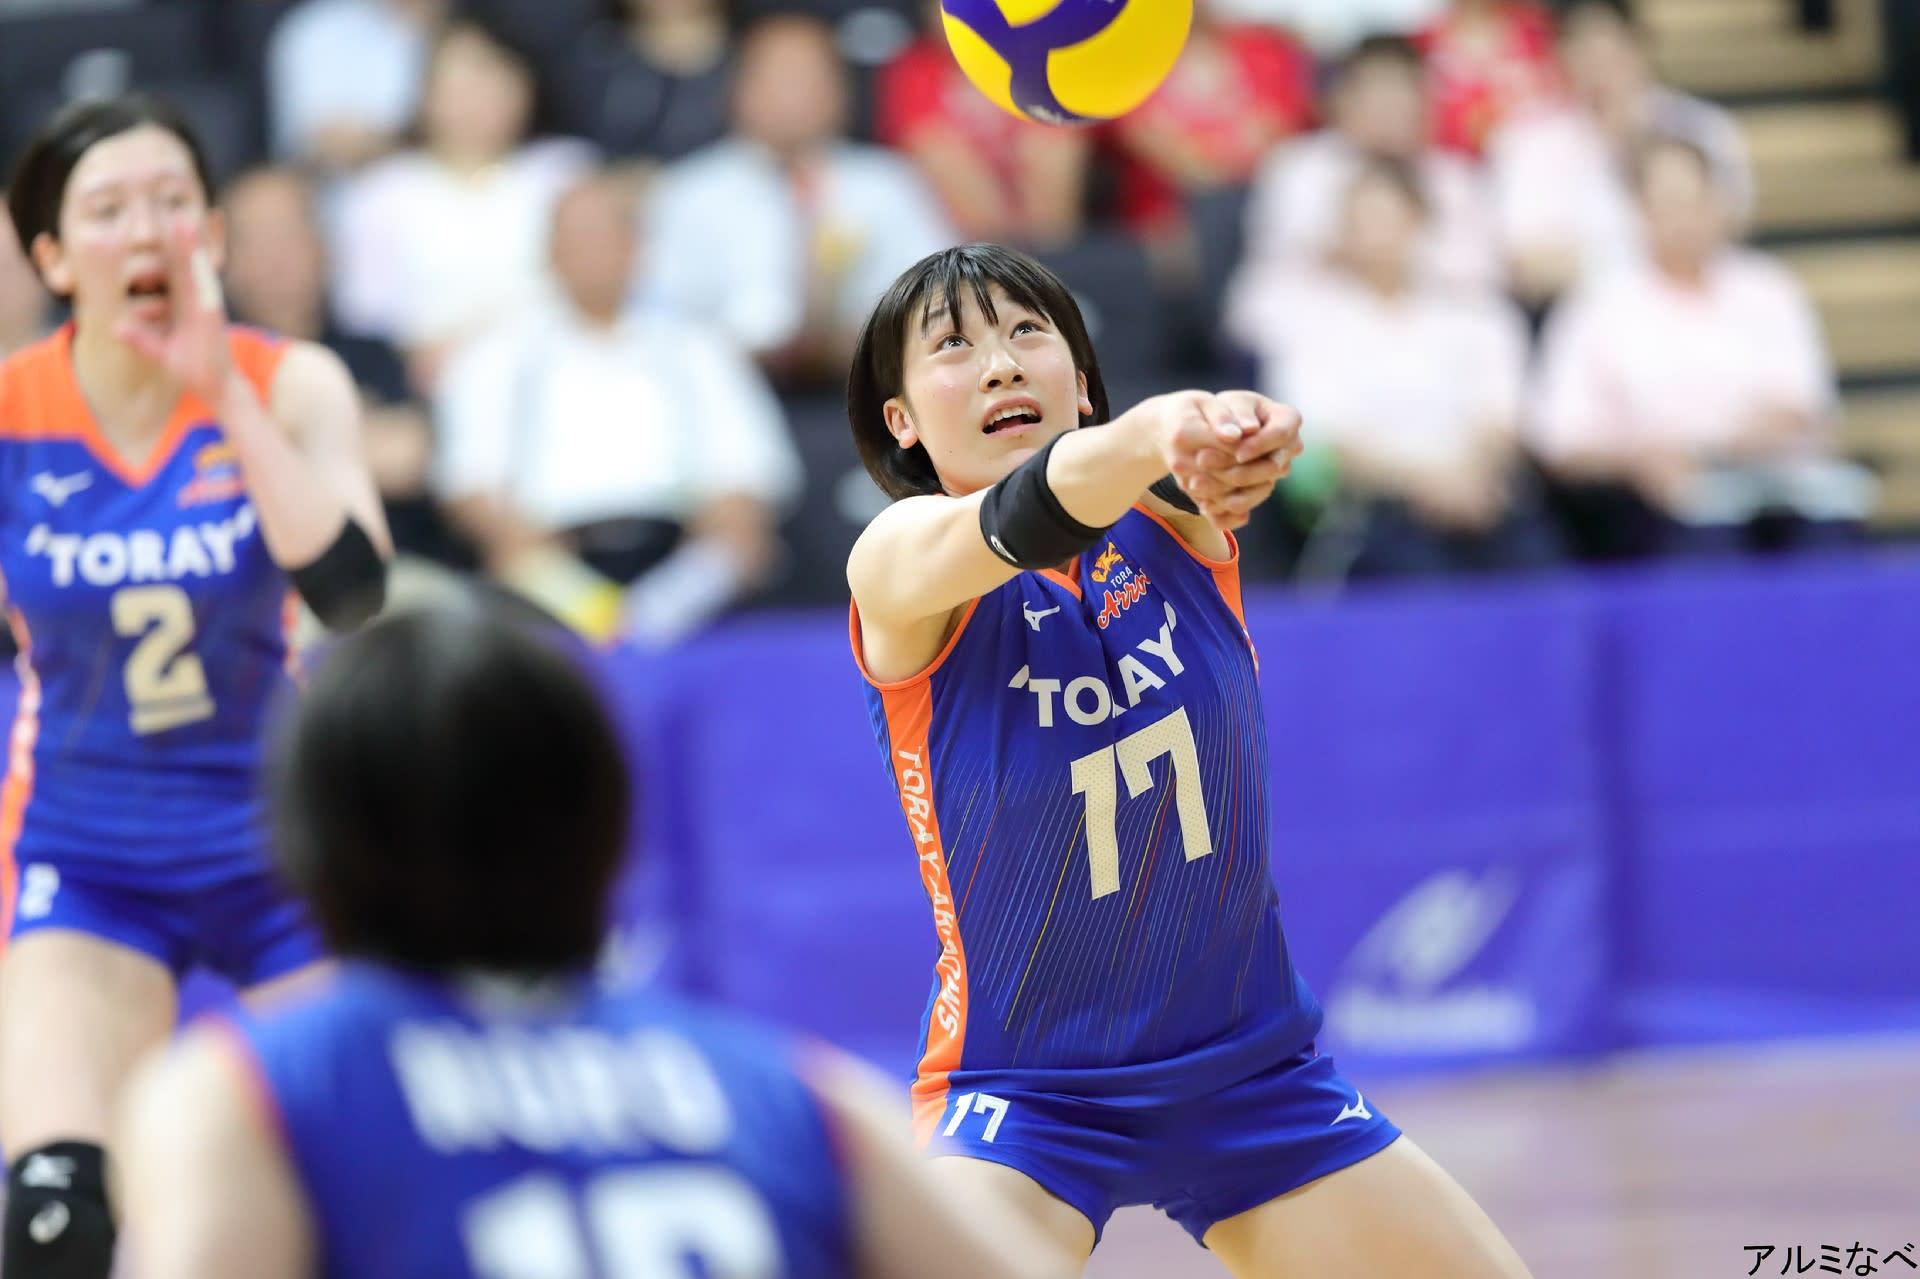 石川真佑の画像 p1_32